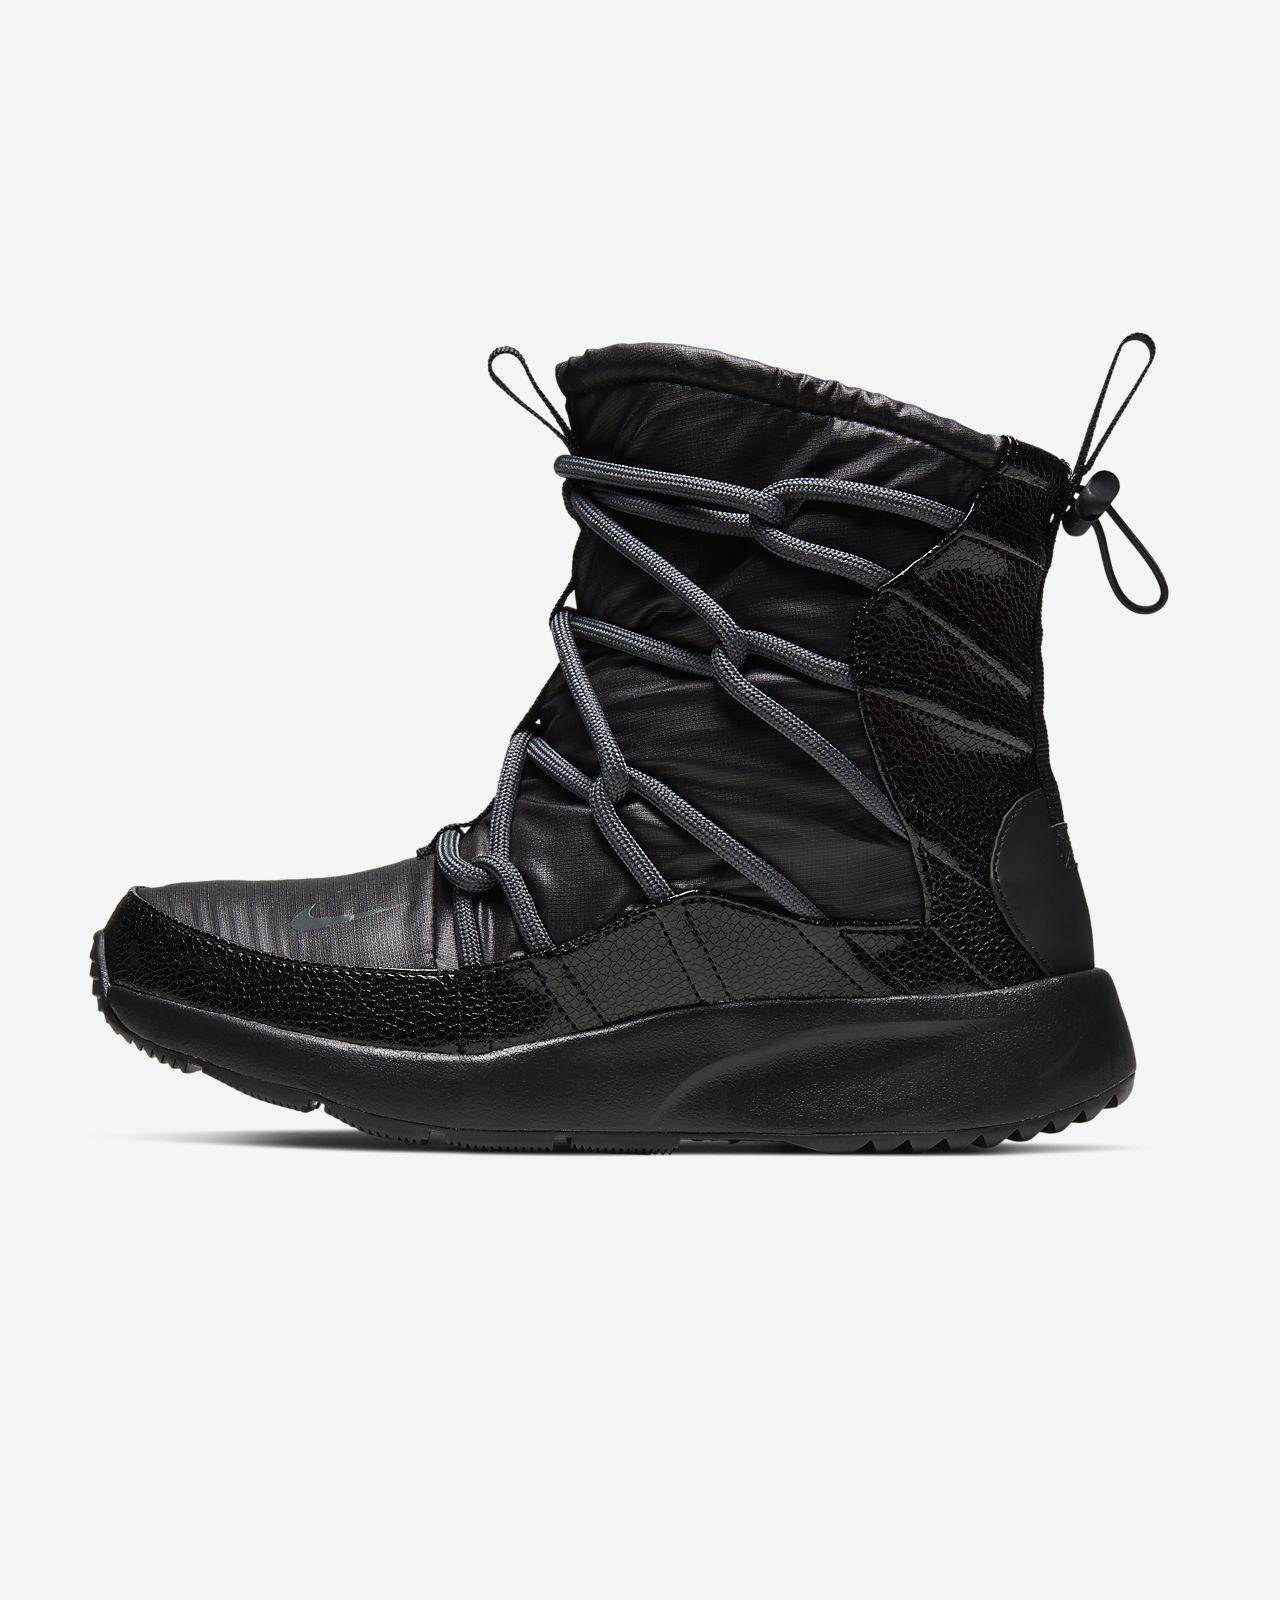 Nike Tanjun High Rise Women's Shoe